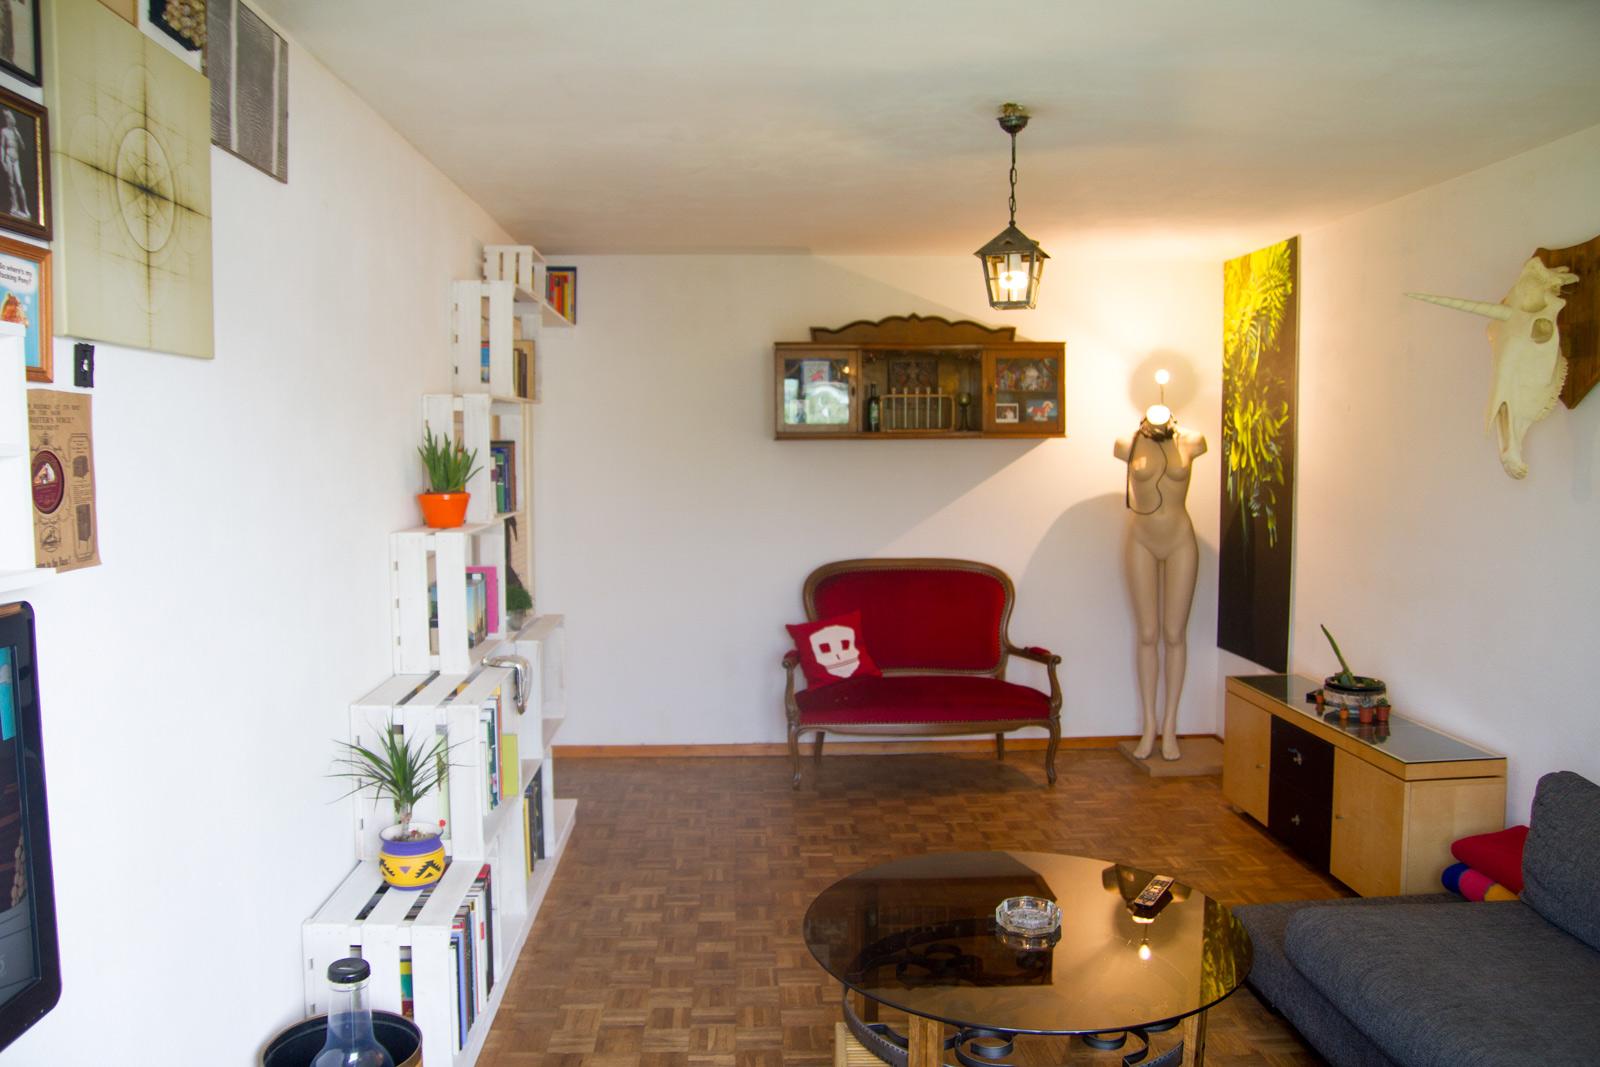 Das Wohnzimmer der Designerin